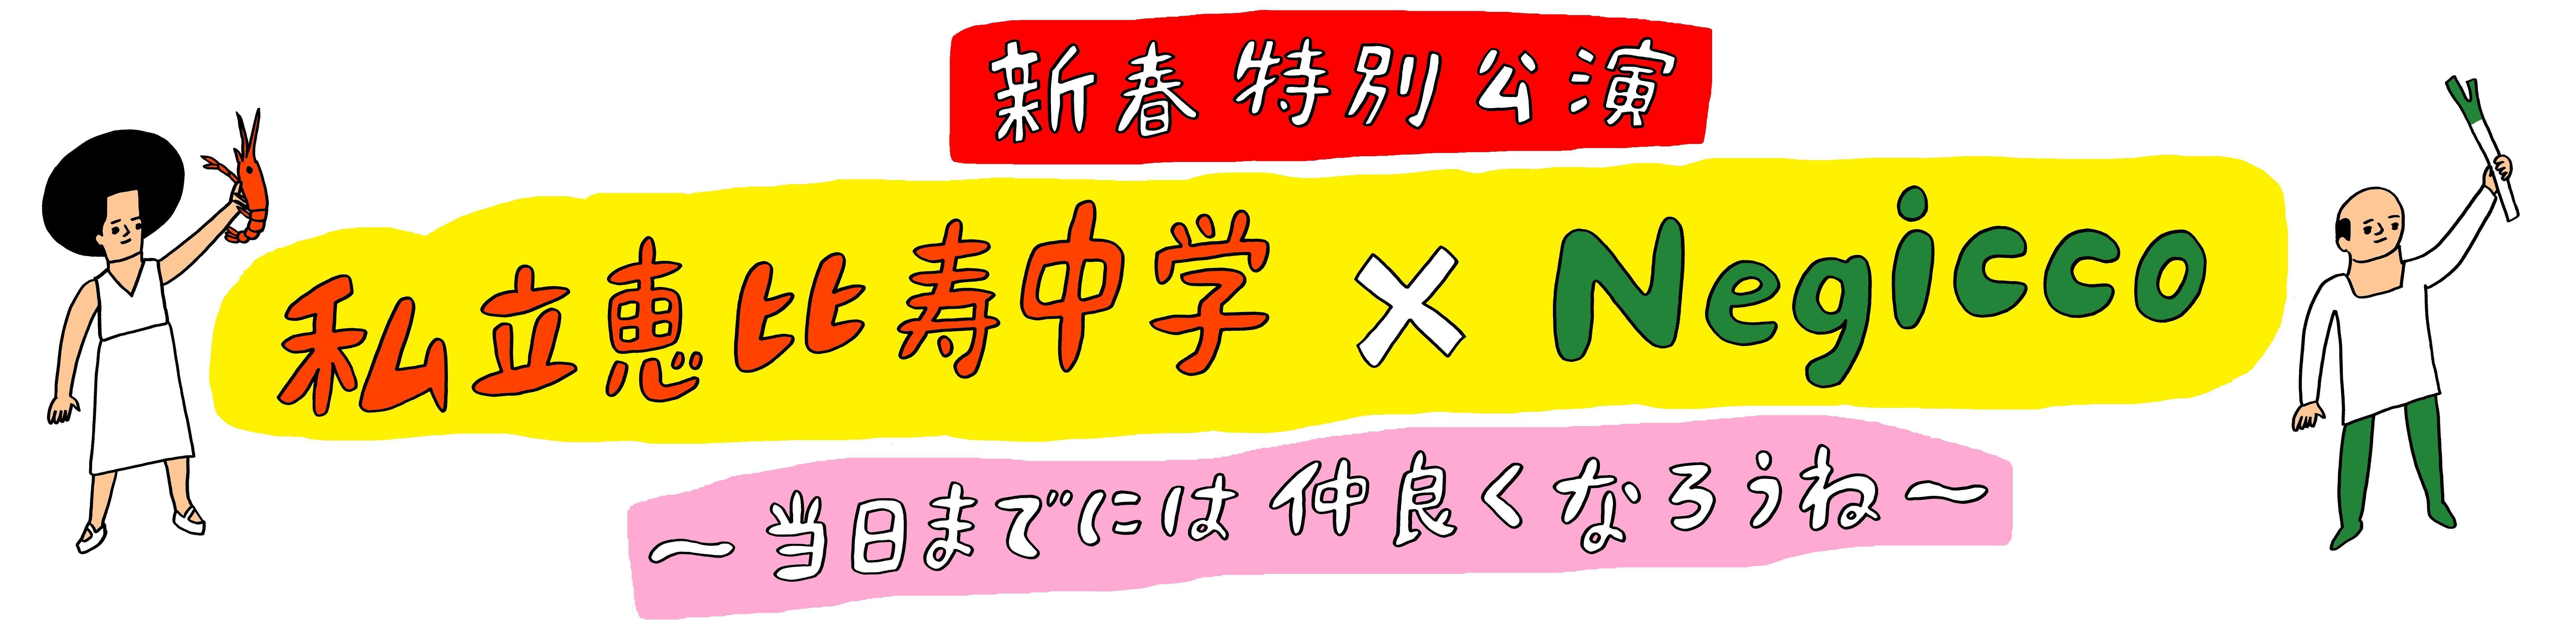 新春特別公演 私立恵比寿中学 × Negicco  〜当日までには仲良くなろうね〜 Goods Store